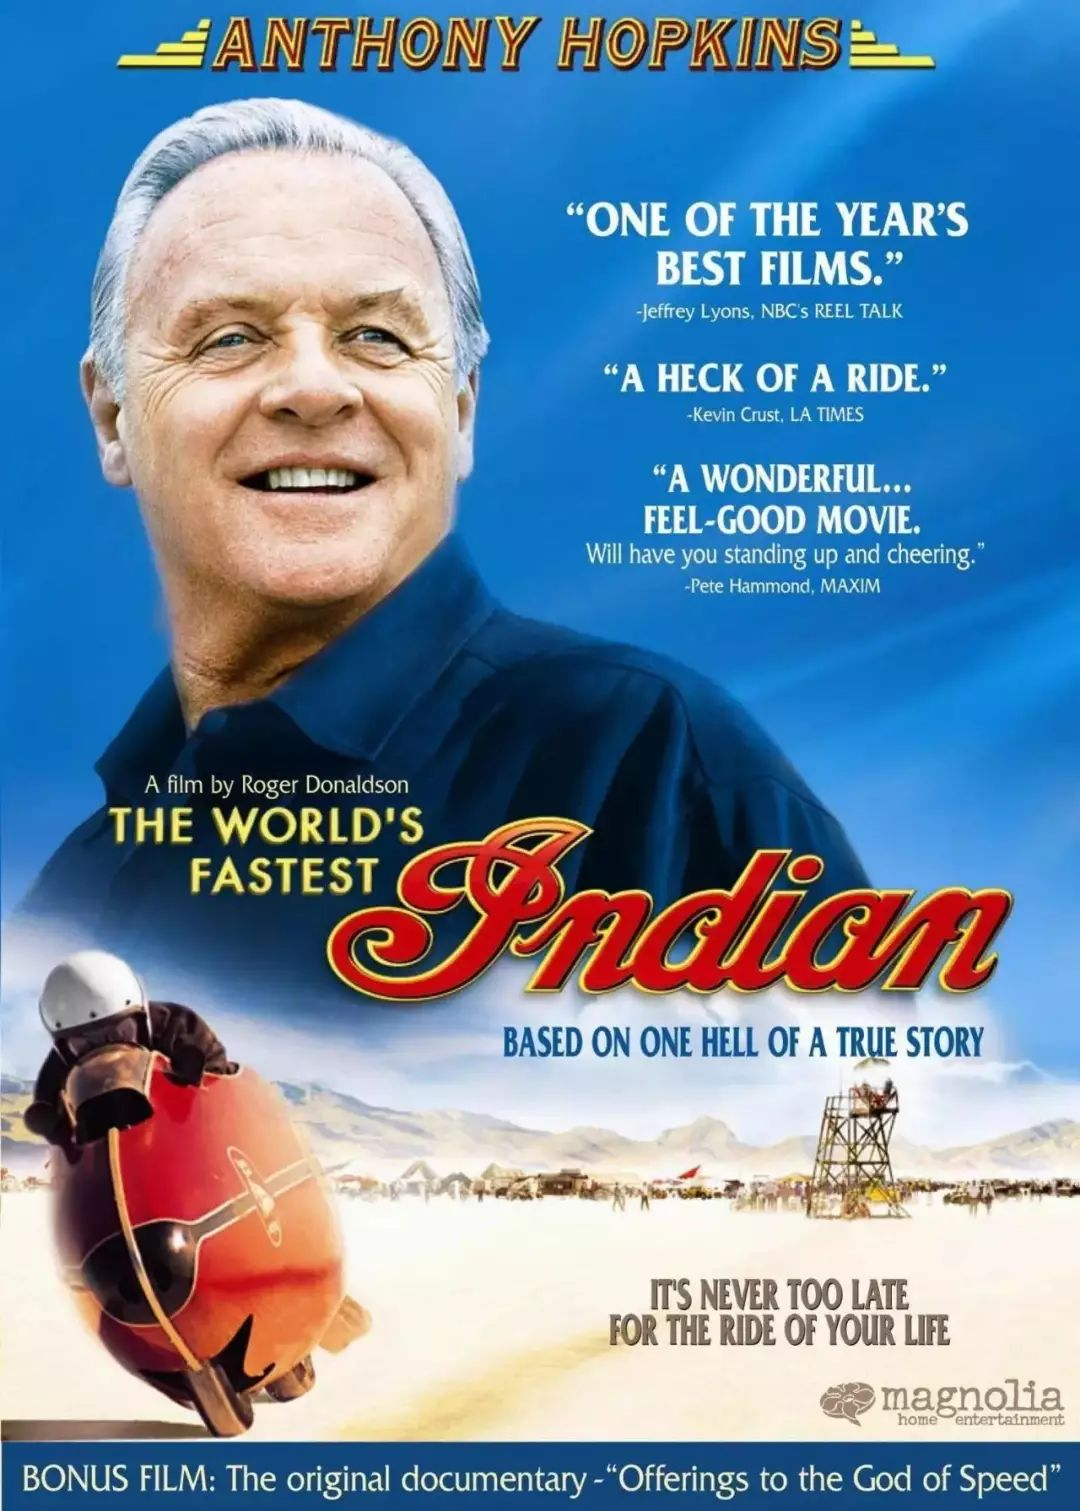 细数在新西兰拍过的十大电影!为啥国际大片热爱新西兰?